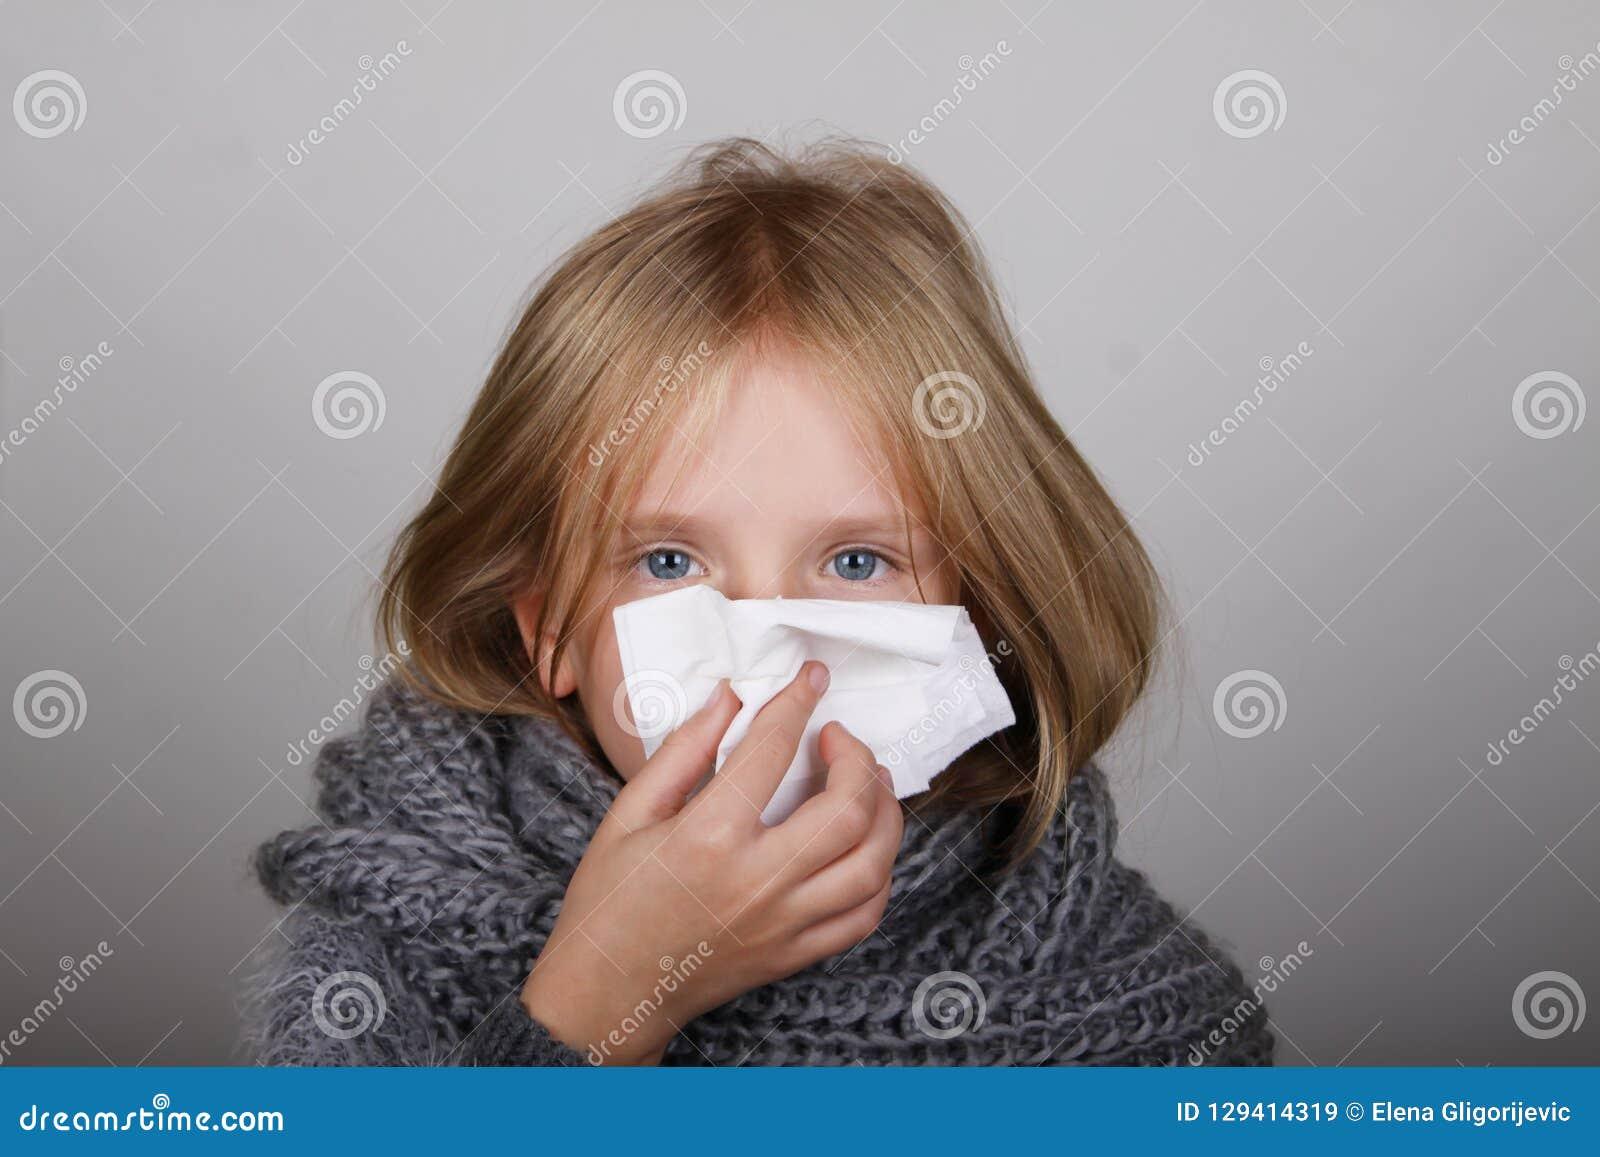 吹她的与纸组织的逗人喜爱的金发女孩鼻子 儿童冬天流感过敏医疗保健概念